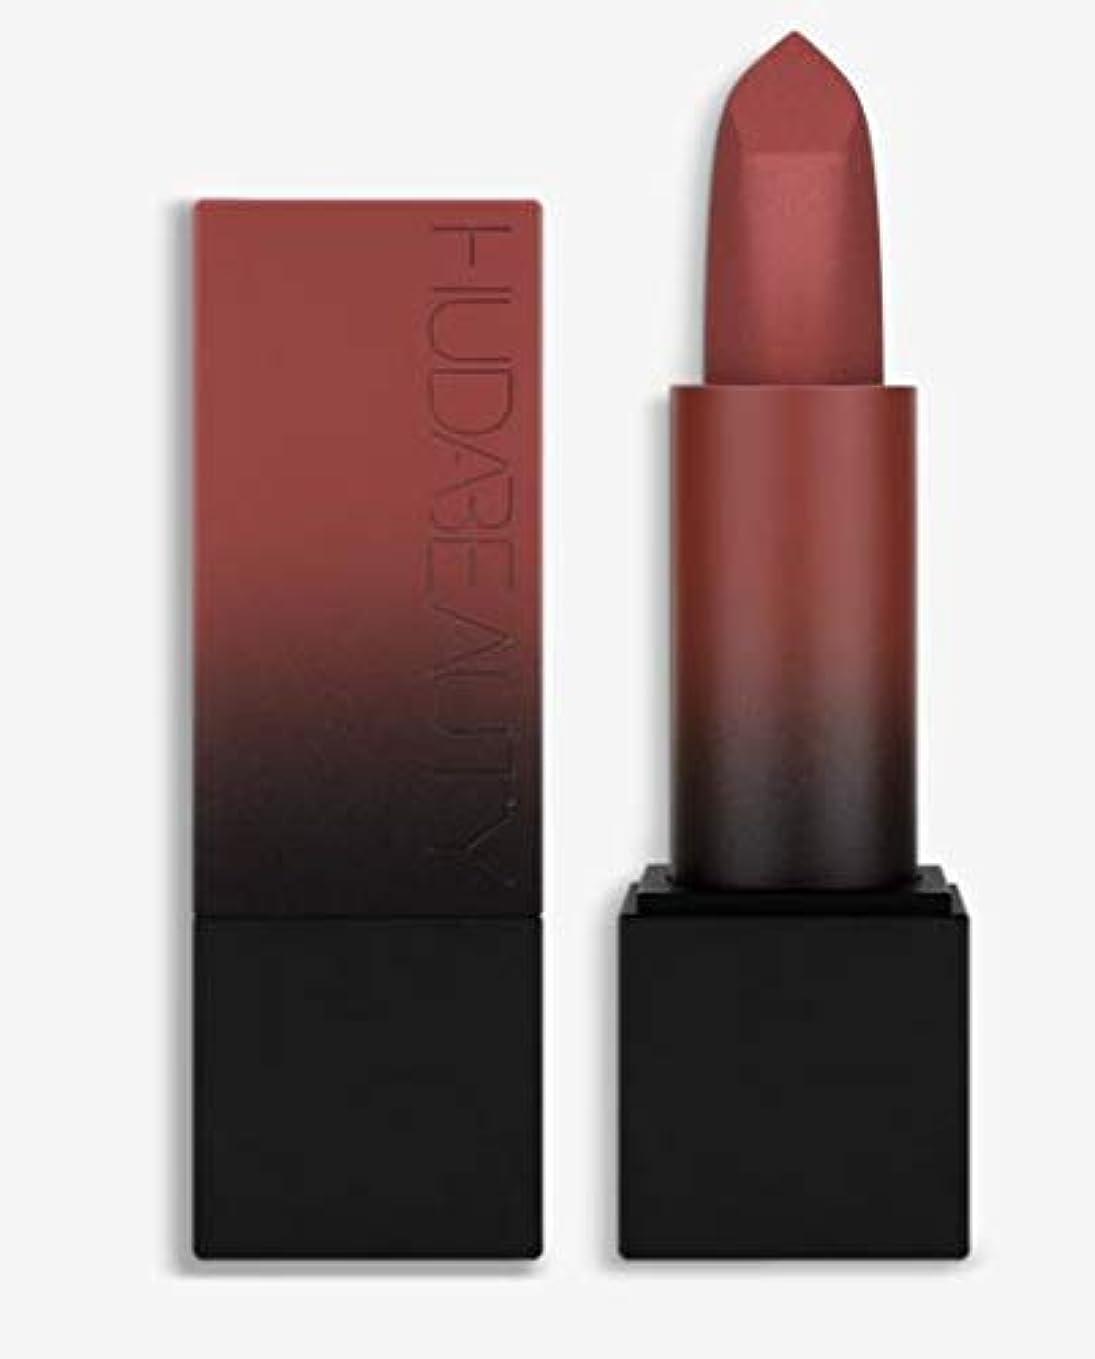 ぴかぴか事やさしいHudabeauty Power Bullet Matte Lipstick マットリップ Third Date